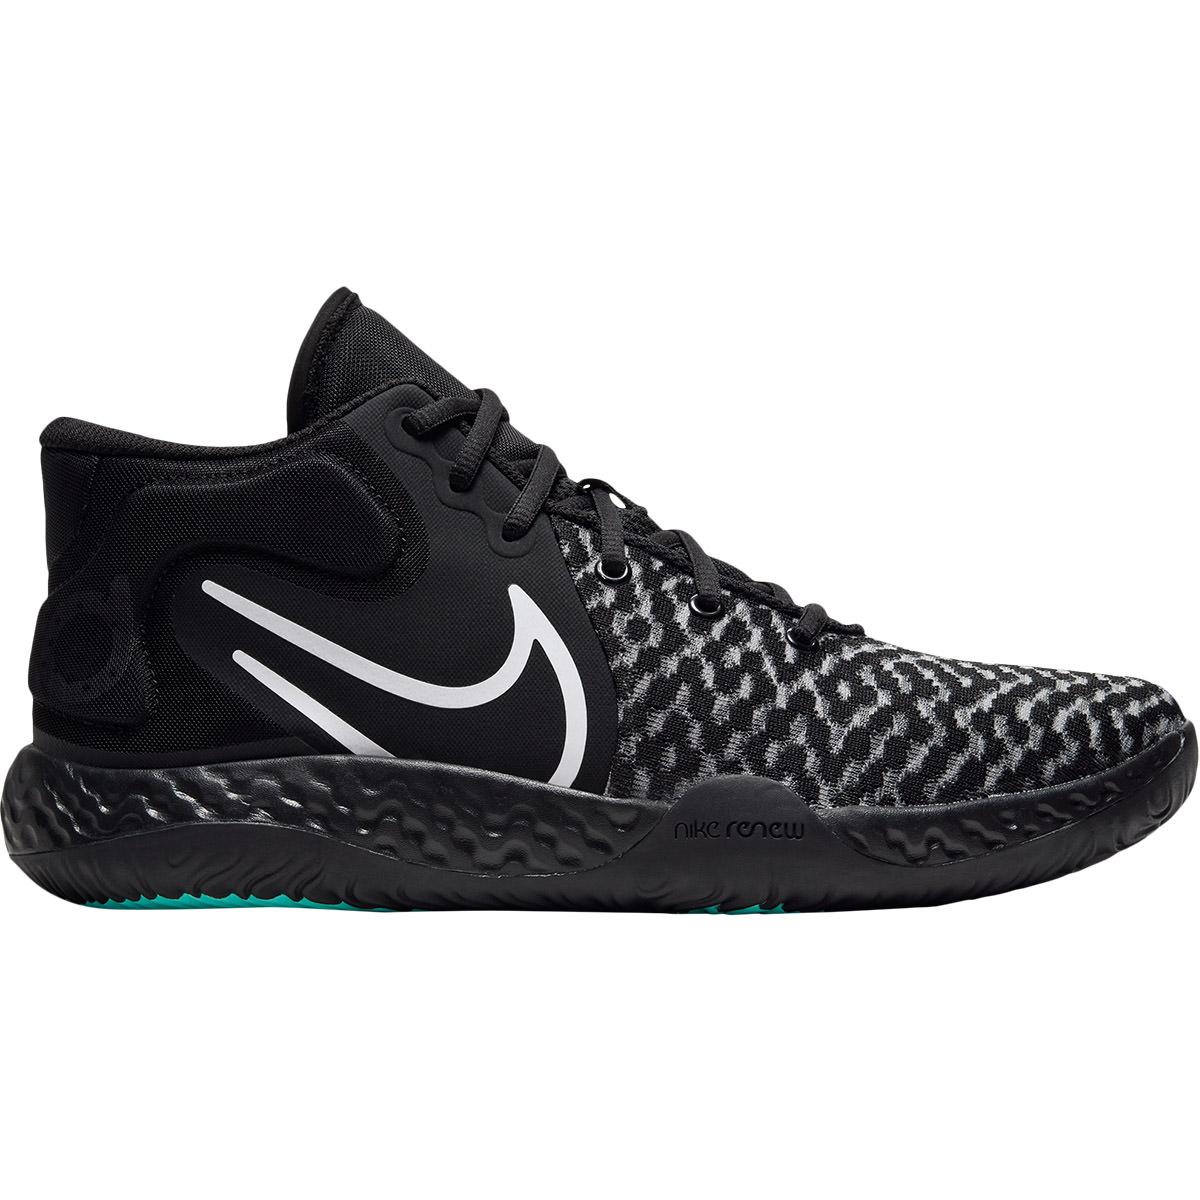 Nike KD Trey 5 VIII Basketboldsko Herre